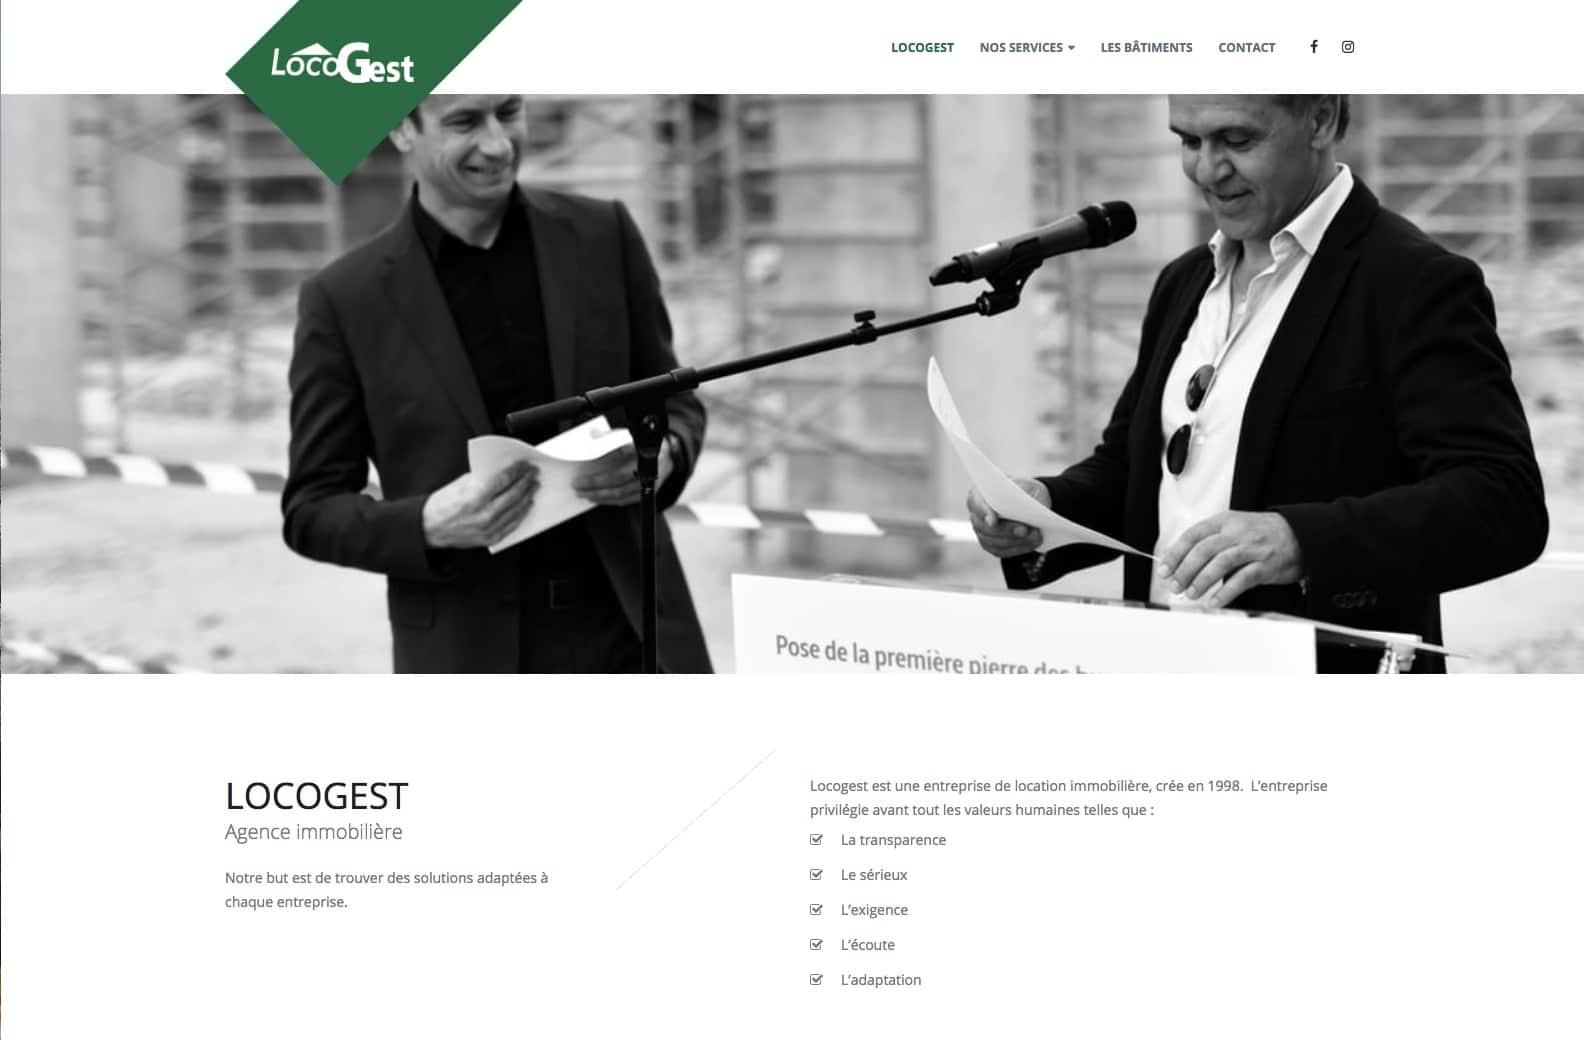 Locogest, agence immobilière à Mulhouse et client de l'agence web Karedess